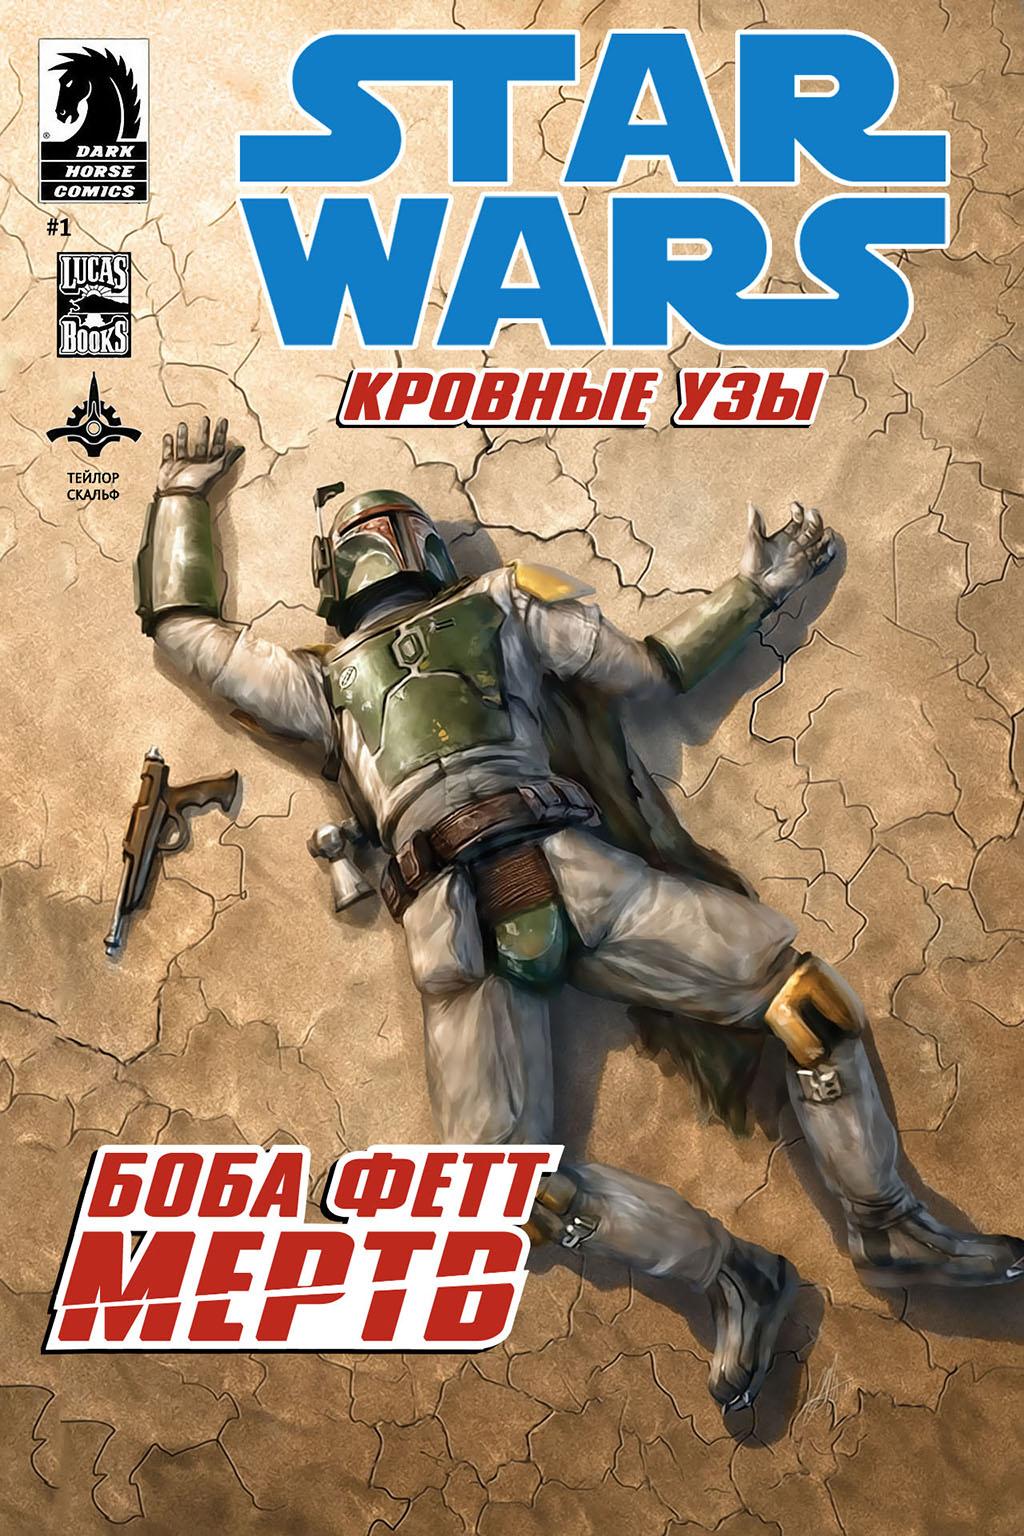 Комикс Звездные Войны: Кровные Узы - Боба Фетт Мертв